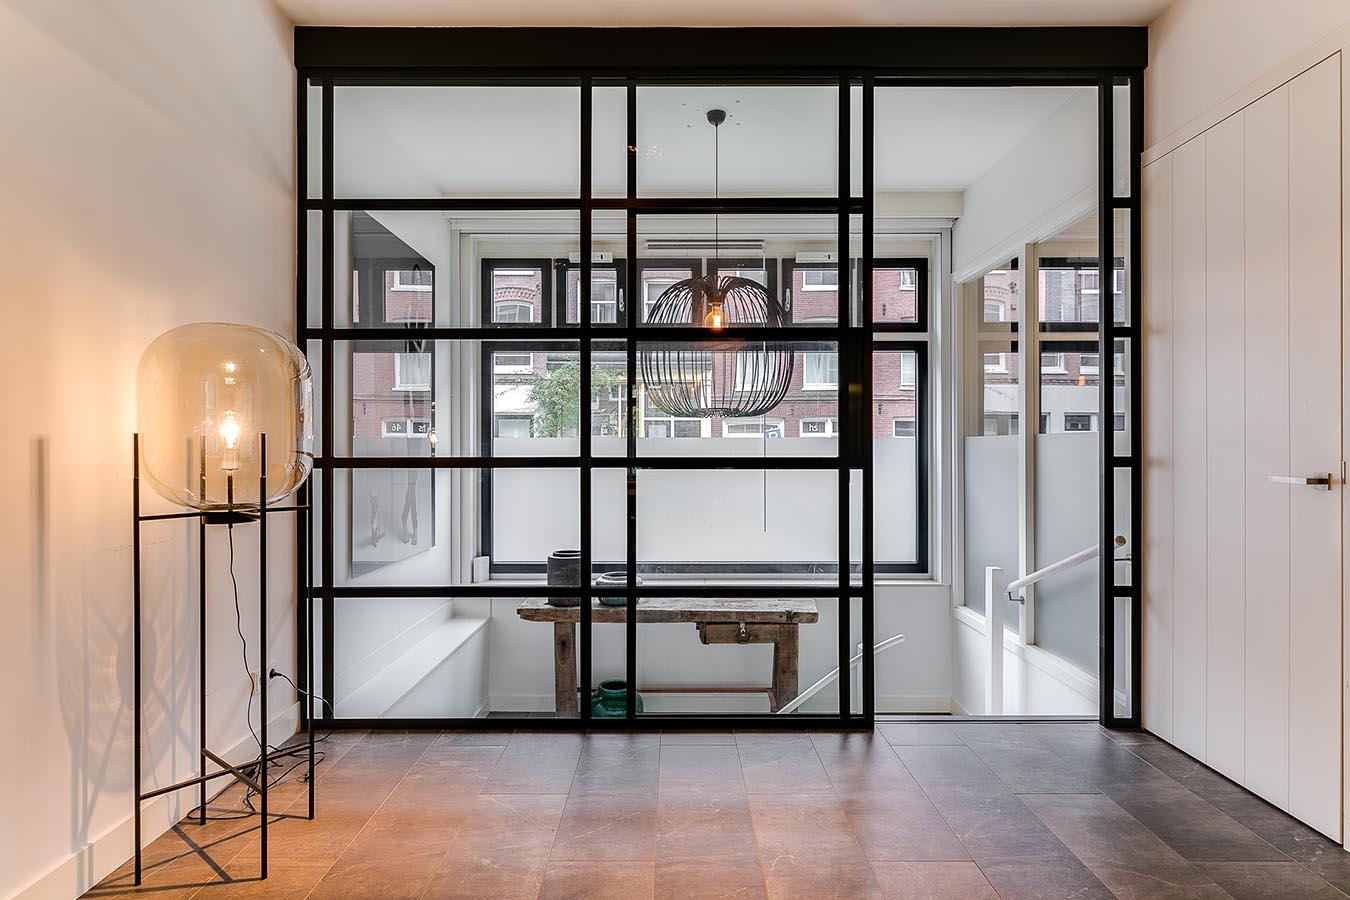 ijzeren deuren en raamkozijnen